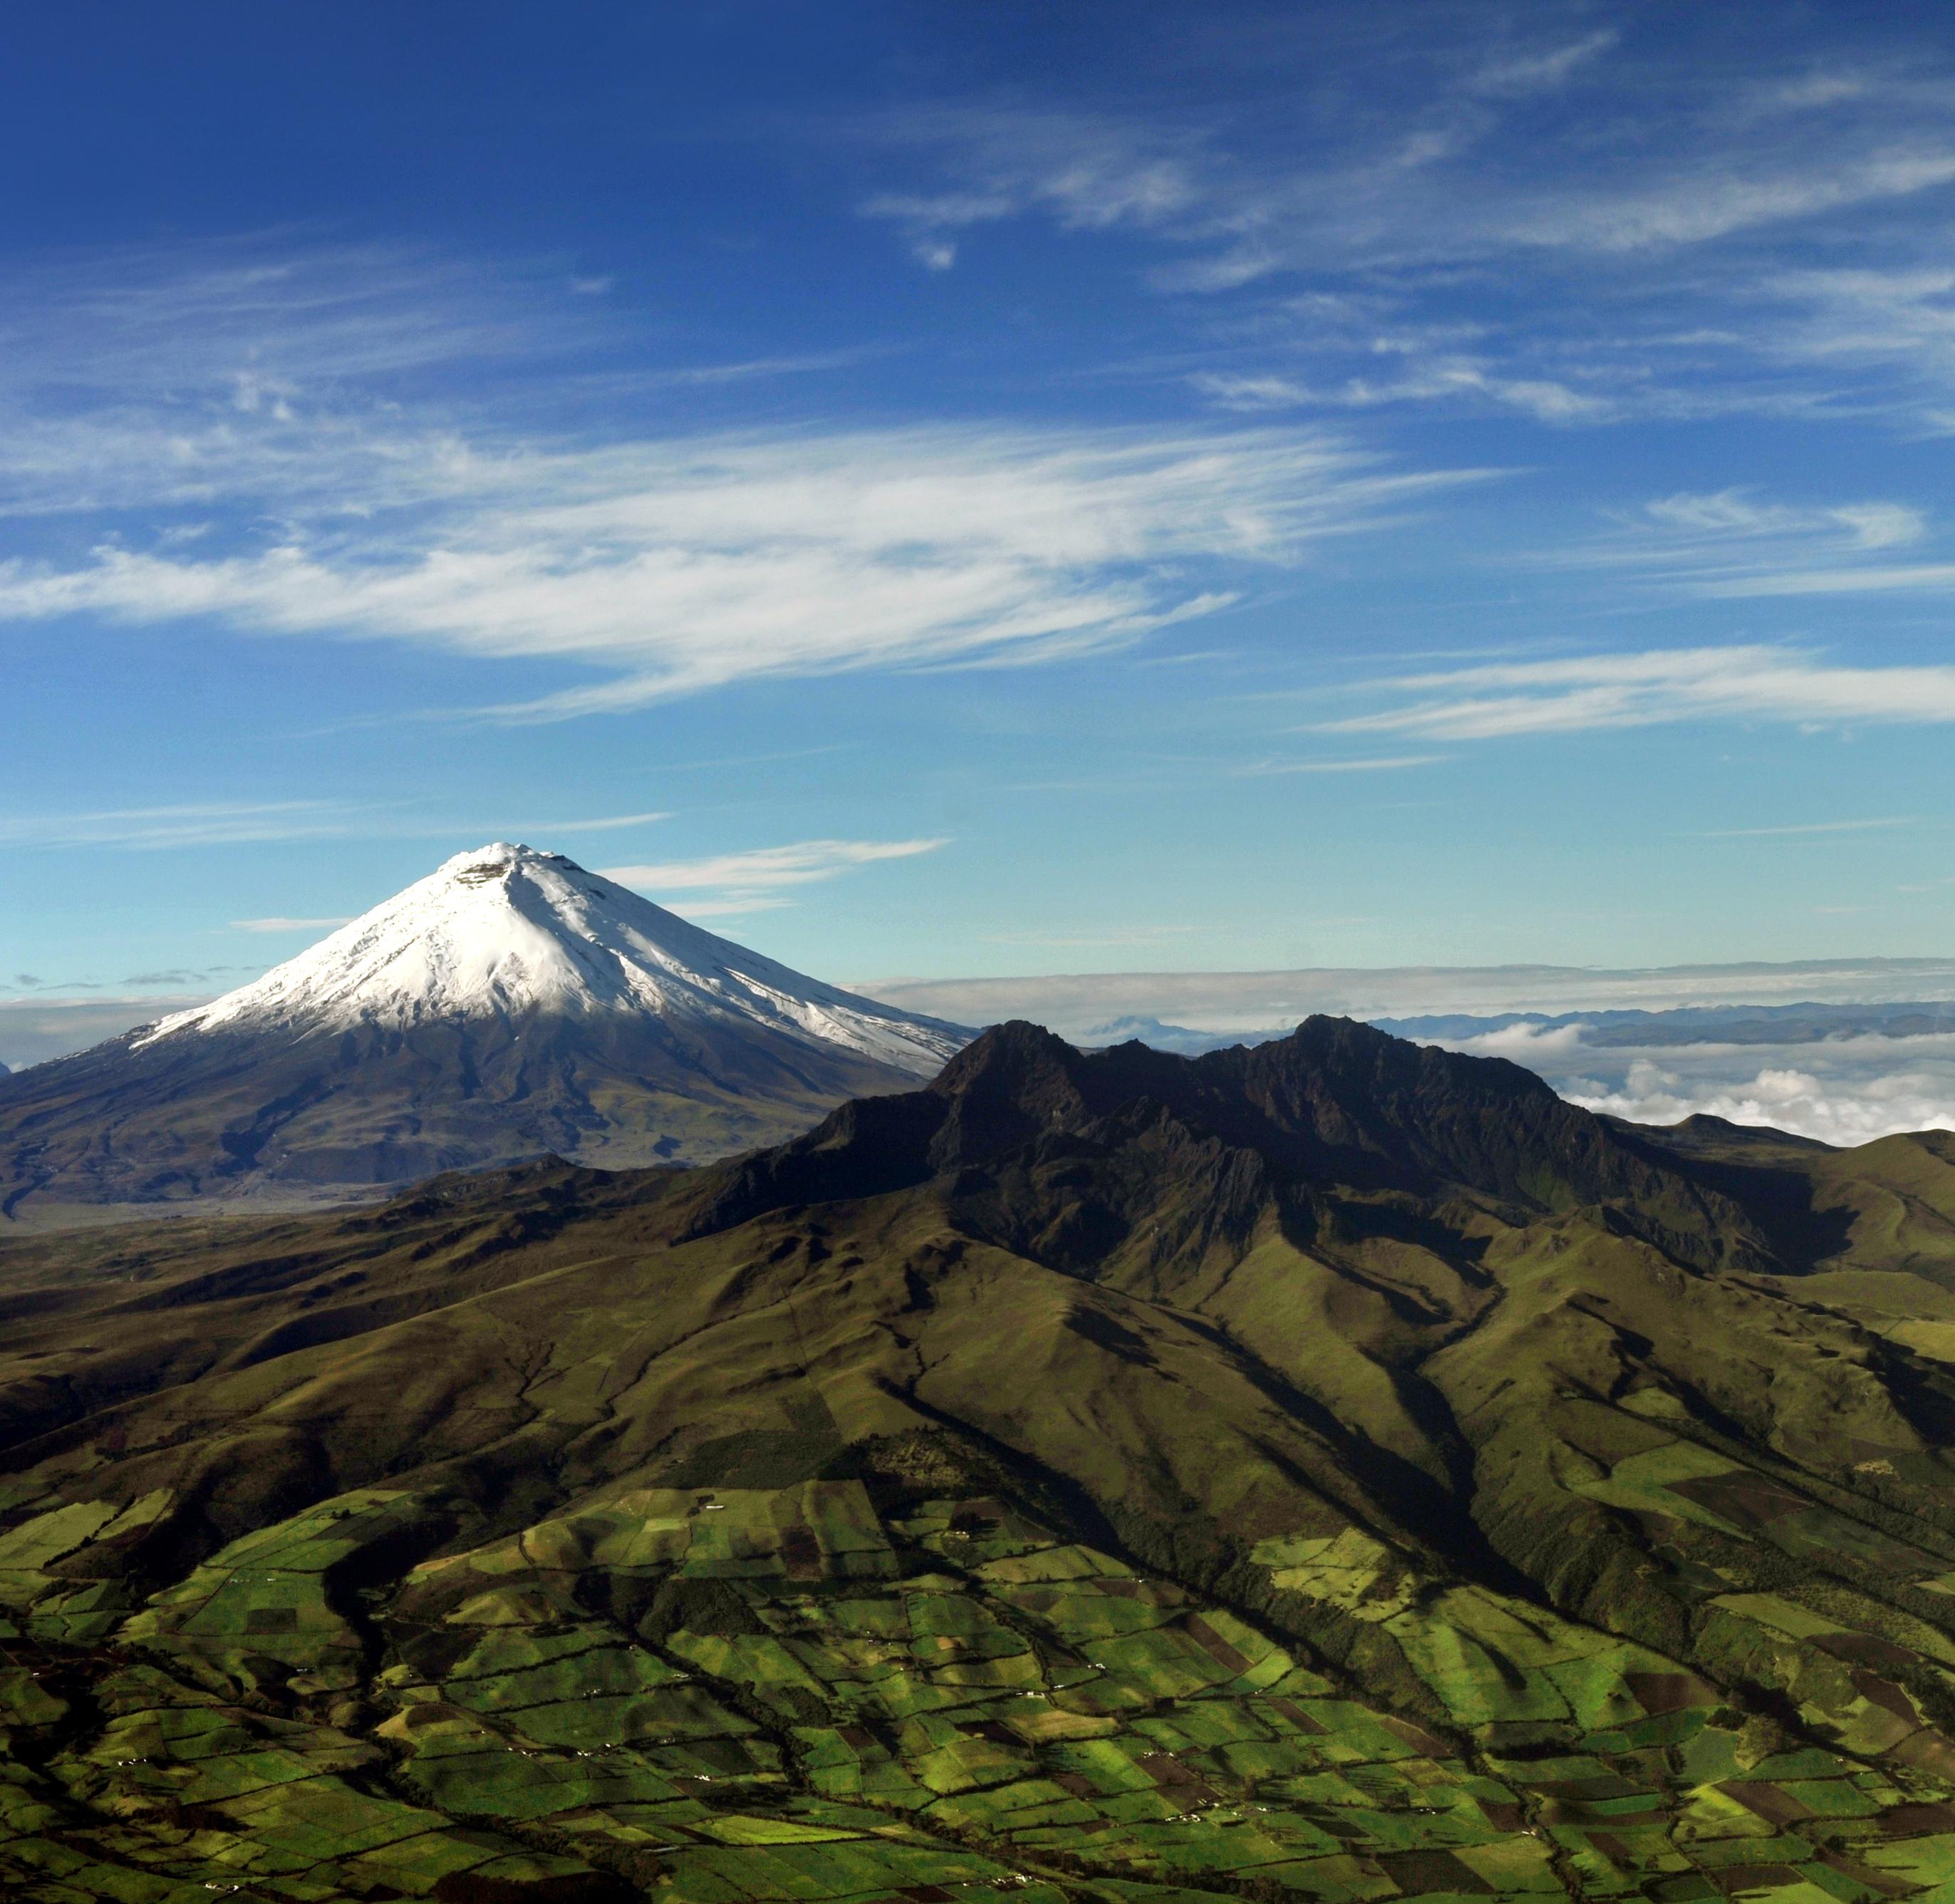 Nos calzamos las botas de montaña, la Avenida de los Volcanes nos espera - Ecuador Gran Viaje Descubrimiento del Ecuador